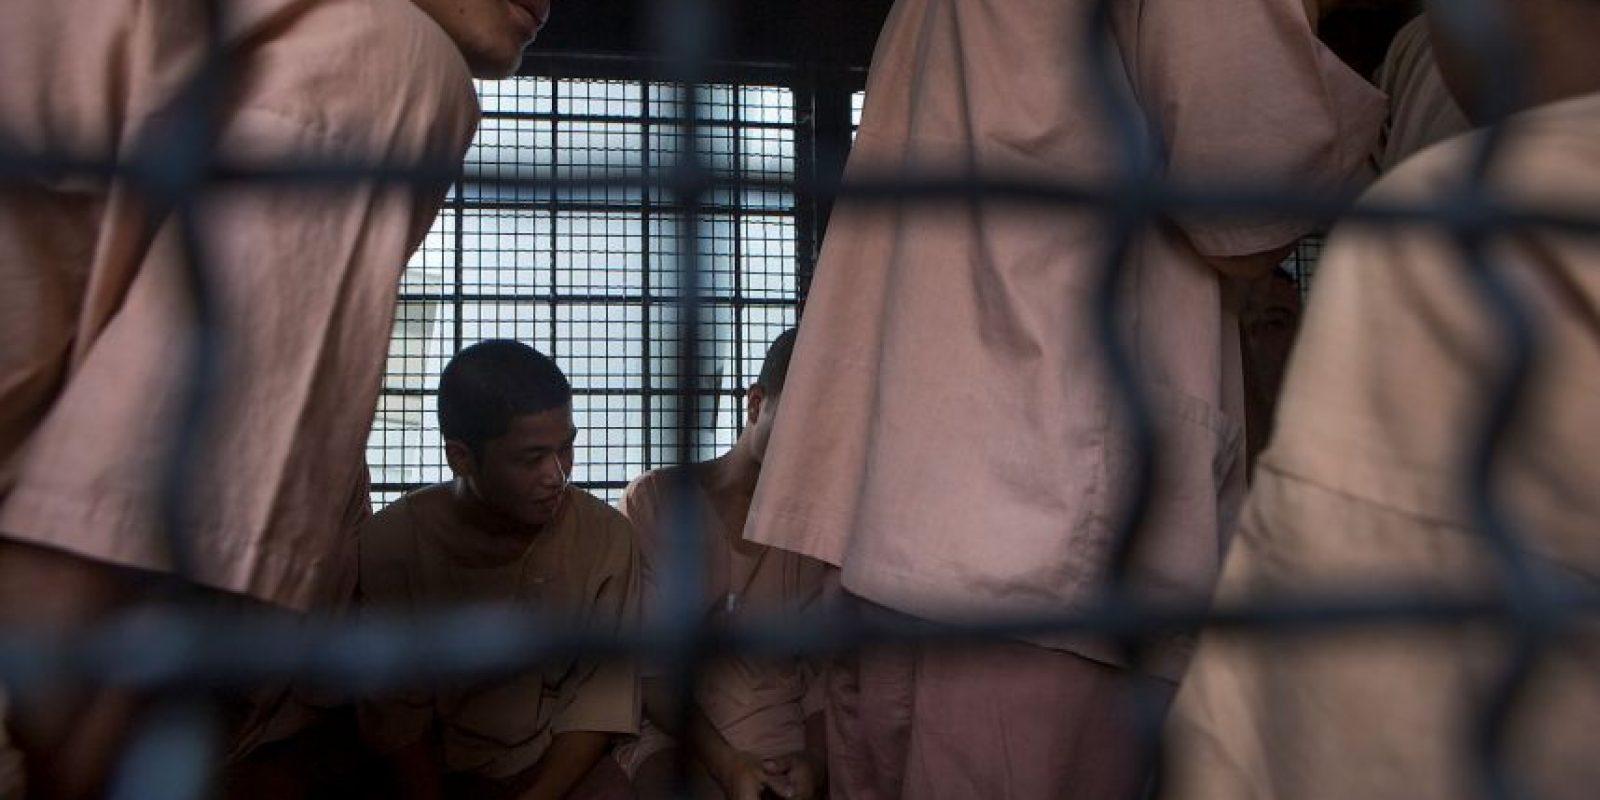 """Kriss Strachan, de 18 años, entró a un asilo de Bellshill en el Norte de Lanarkshire en Reino Unido y llevó a cabo ataque sexual contra mujer de 91 años. """"Fui yo. No puedo creer que haya hecho eso. Soy escoria"""", dijo el hombre luego de ser aprendido por la policía, se compartió en el portal de noticias británico """"BBC"""". Foto:Getty Images"""